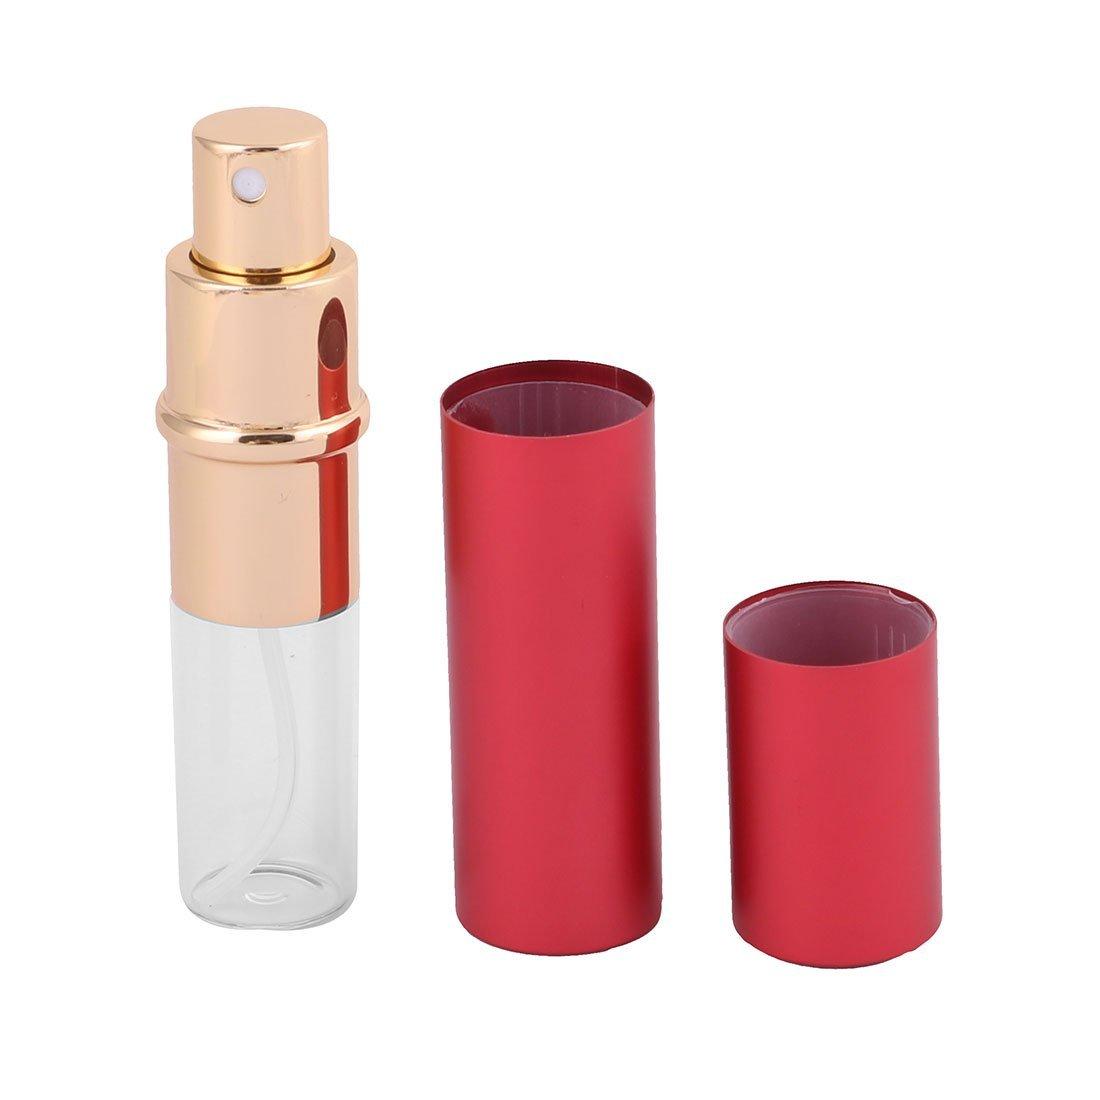 Amazon.com: eDealMax aleación DE 10 ml portátil del lápiz Labial Mini Forma de la Botella del aerosol del atomizador del Perfume Rojo del caso: Health ...